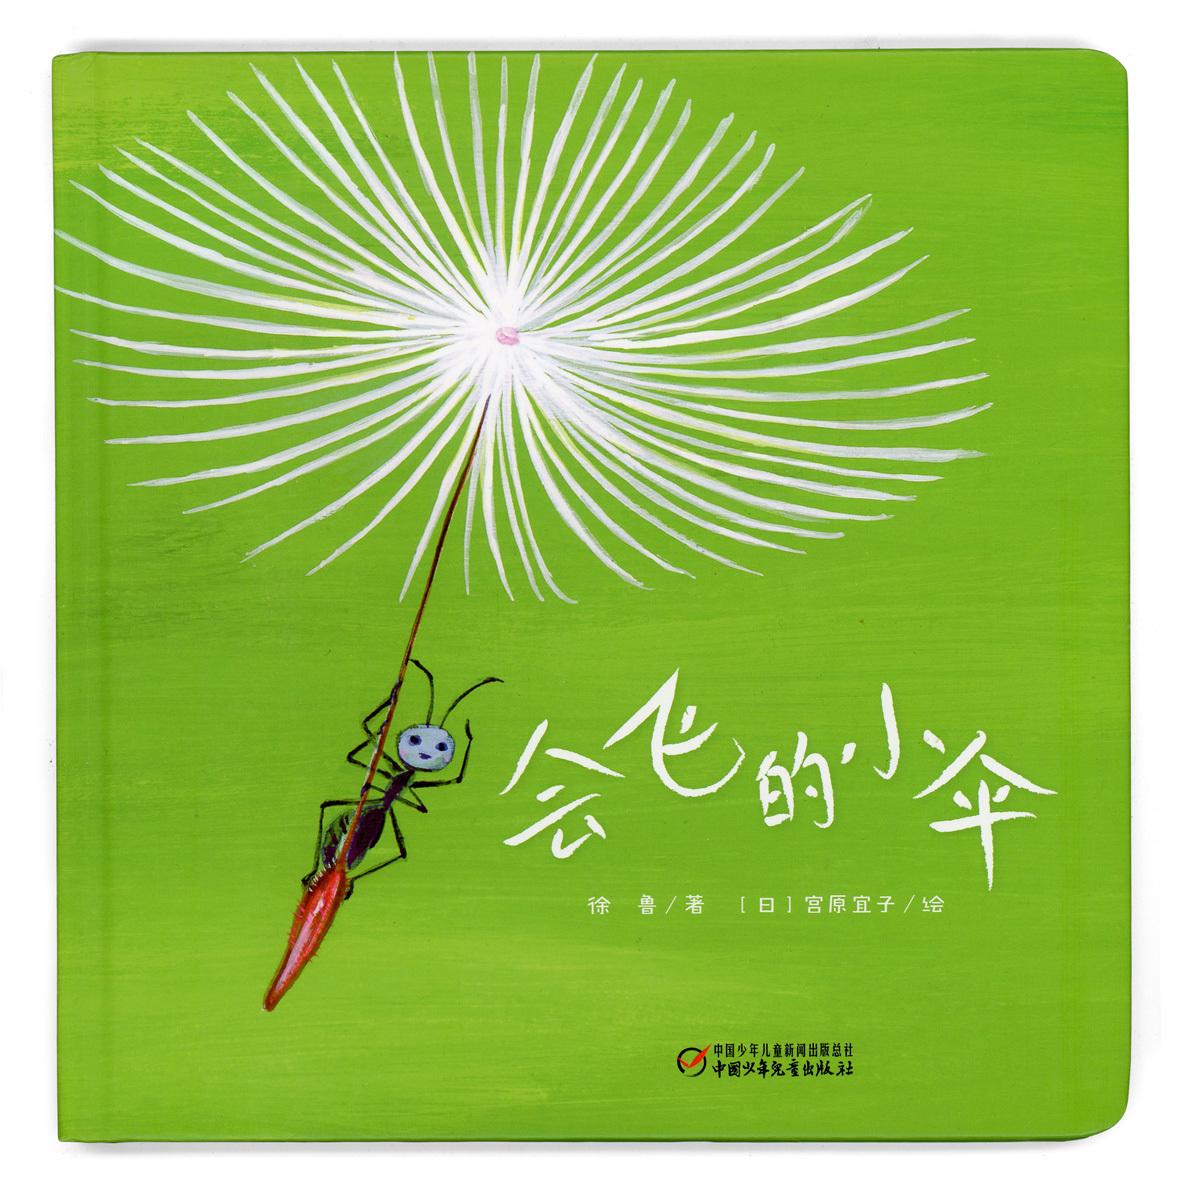 タンポポの絵本「会飞的小伞」_e0247108_00524317.jpg